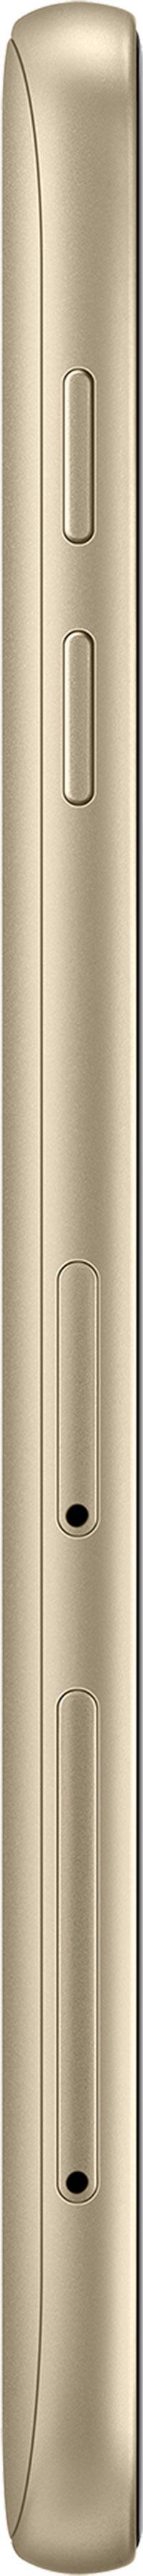 Samsung Galaxy J6 Altın 2